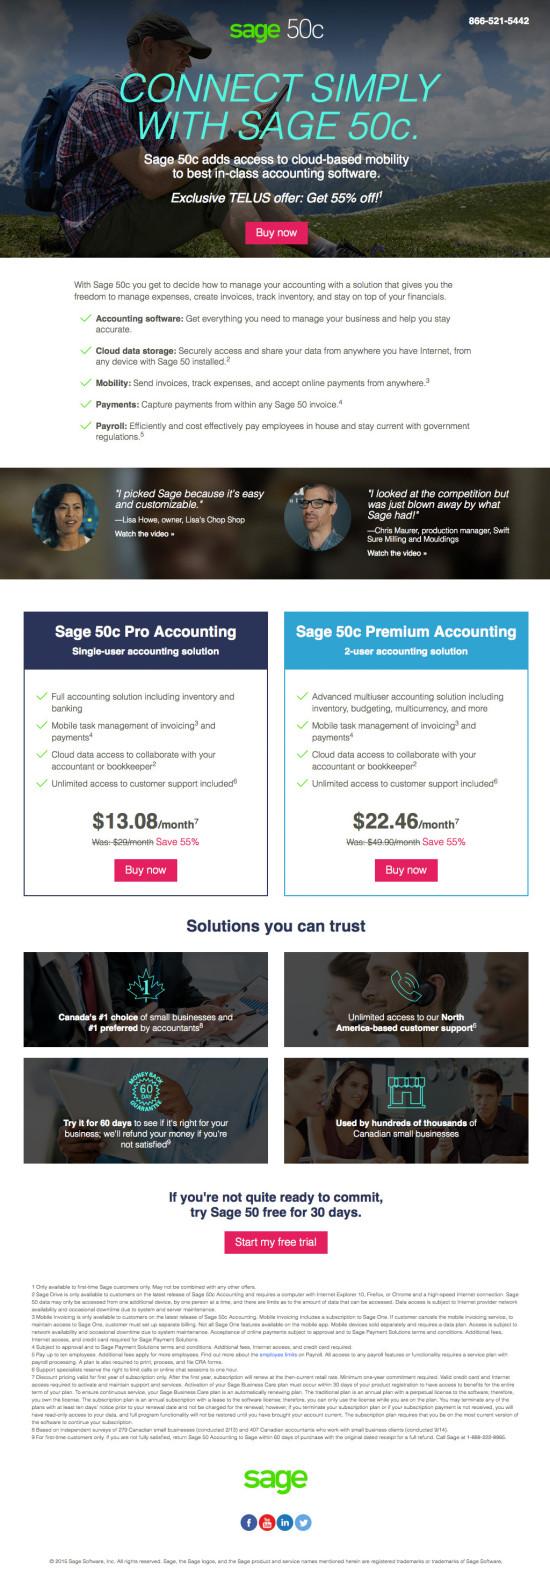 Sage 50 Canada Telus Partnership Landing Page